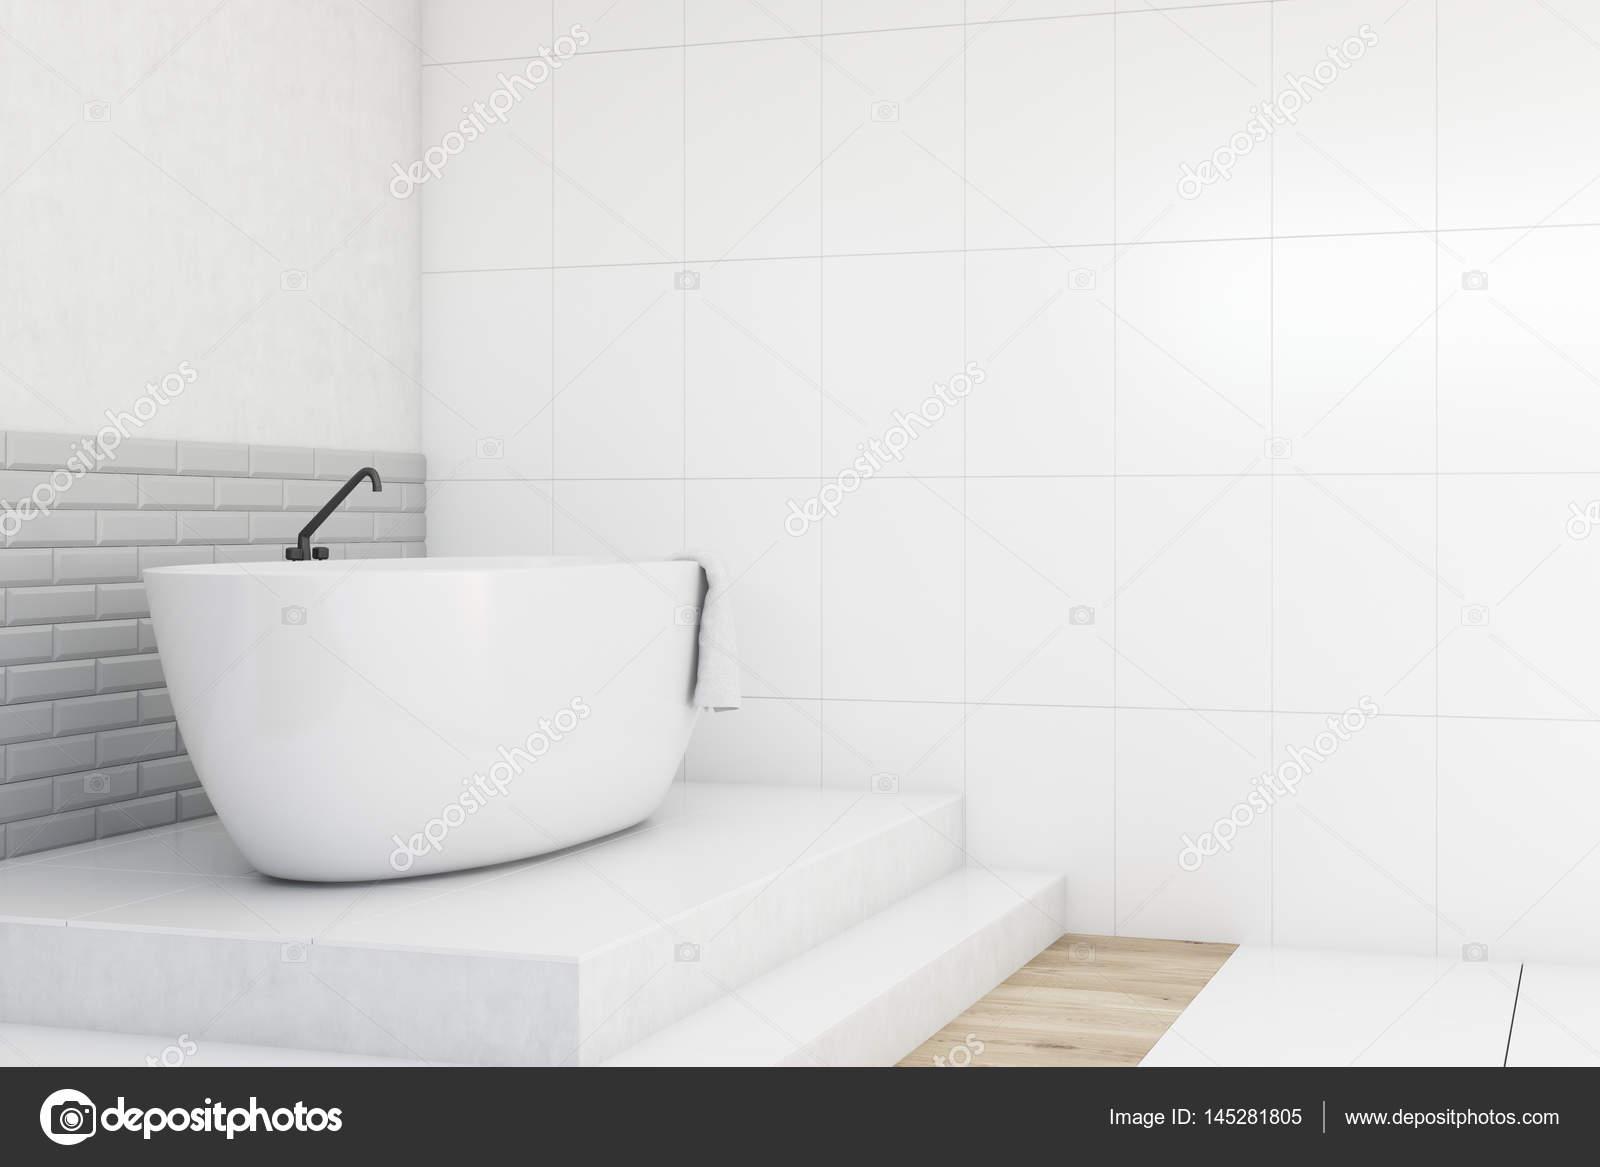 Badezimmer, weiß und grau, Seitenansicht — Stockfoto ...